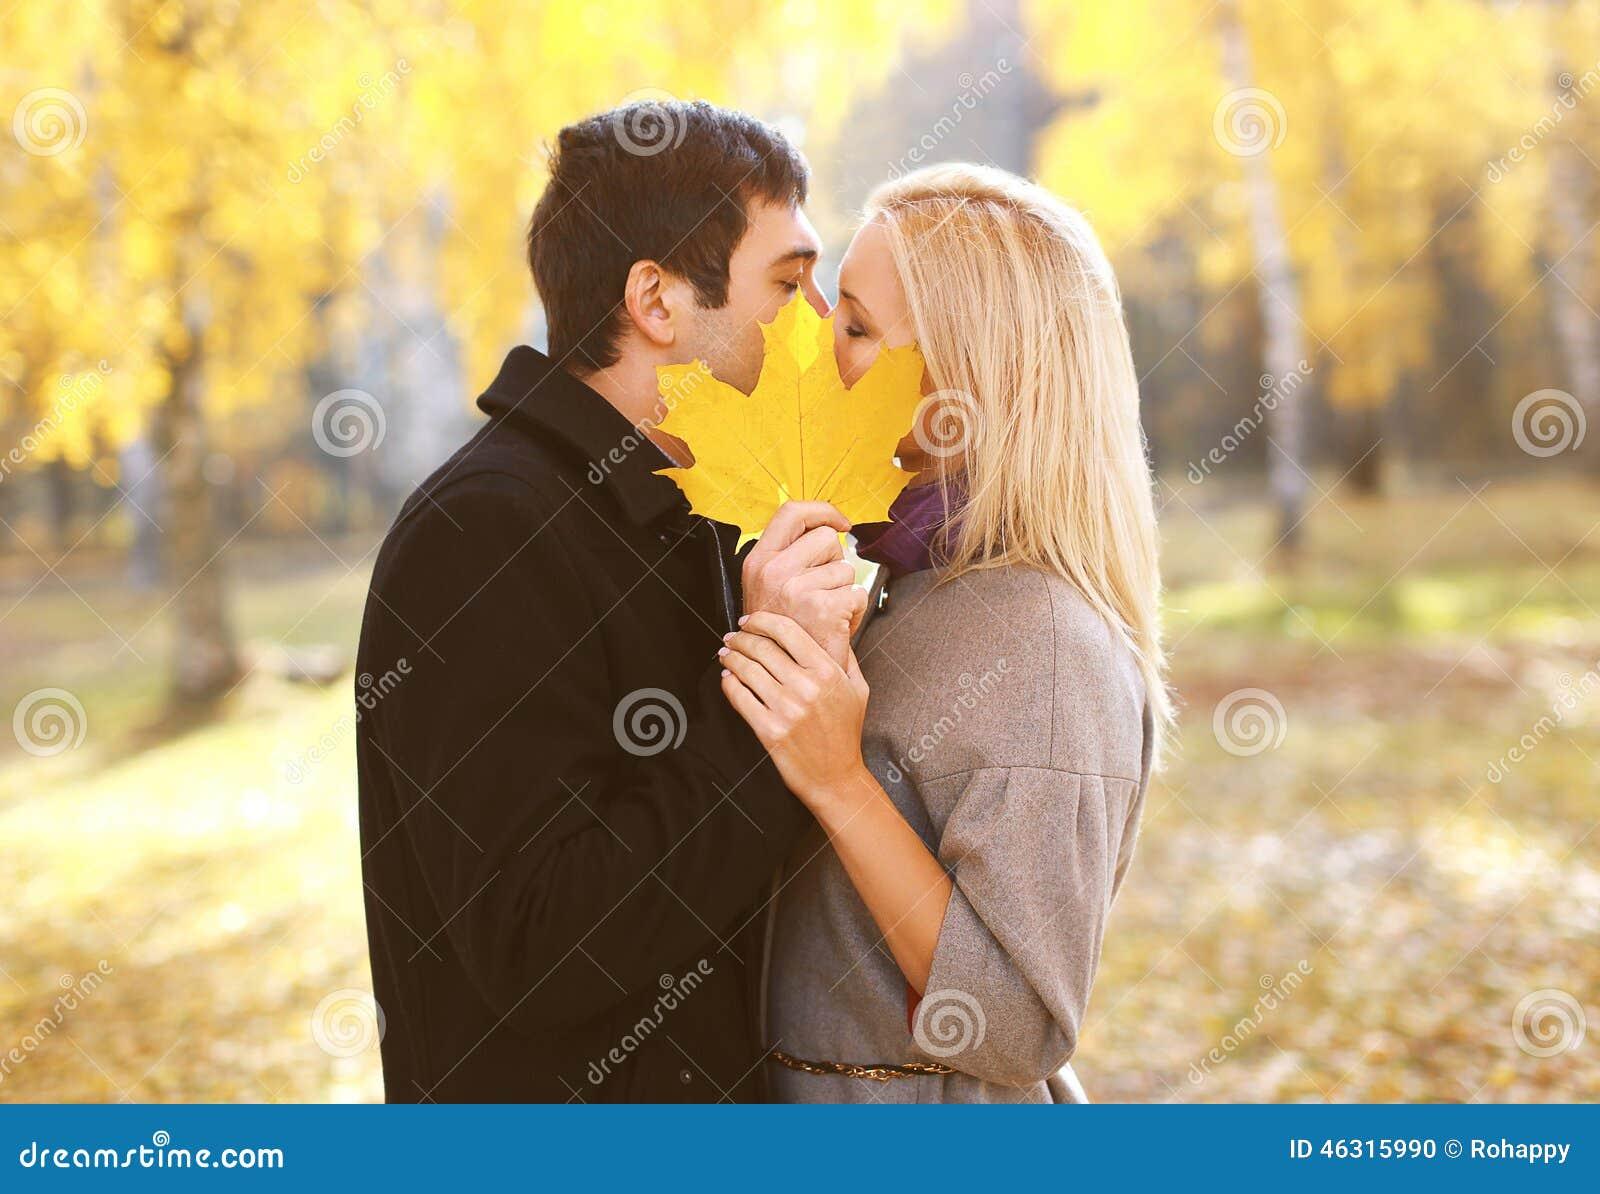 Έννοια φθινοπώρου, αγάπης, σχέσεων και ανθρώπων - όμορφο ζεύγος